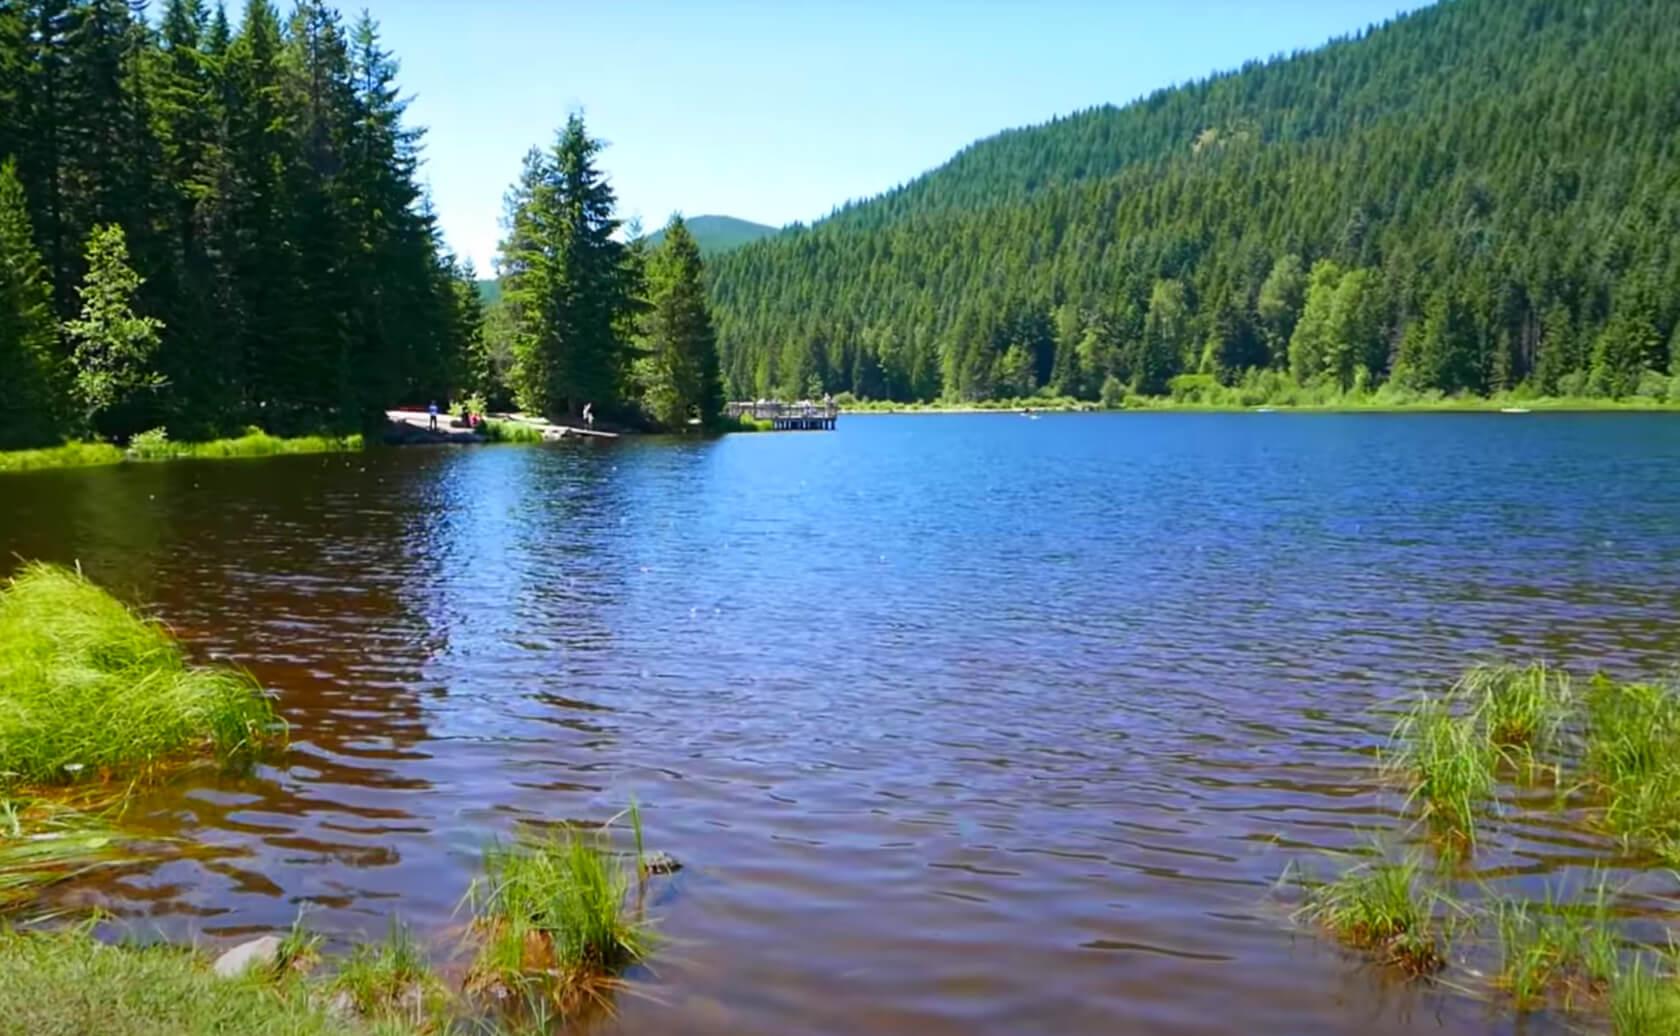 Trillium-Lake-fishing-guide-report-Oregon-03